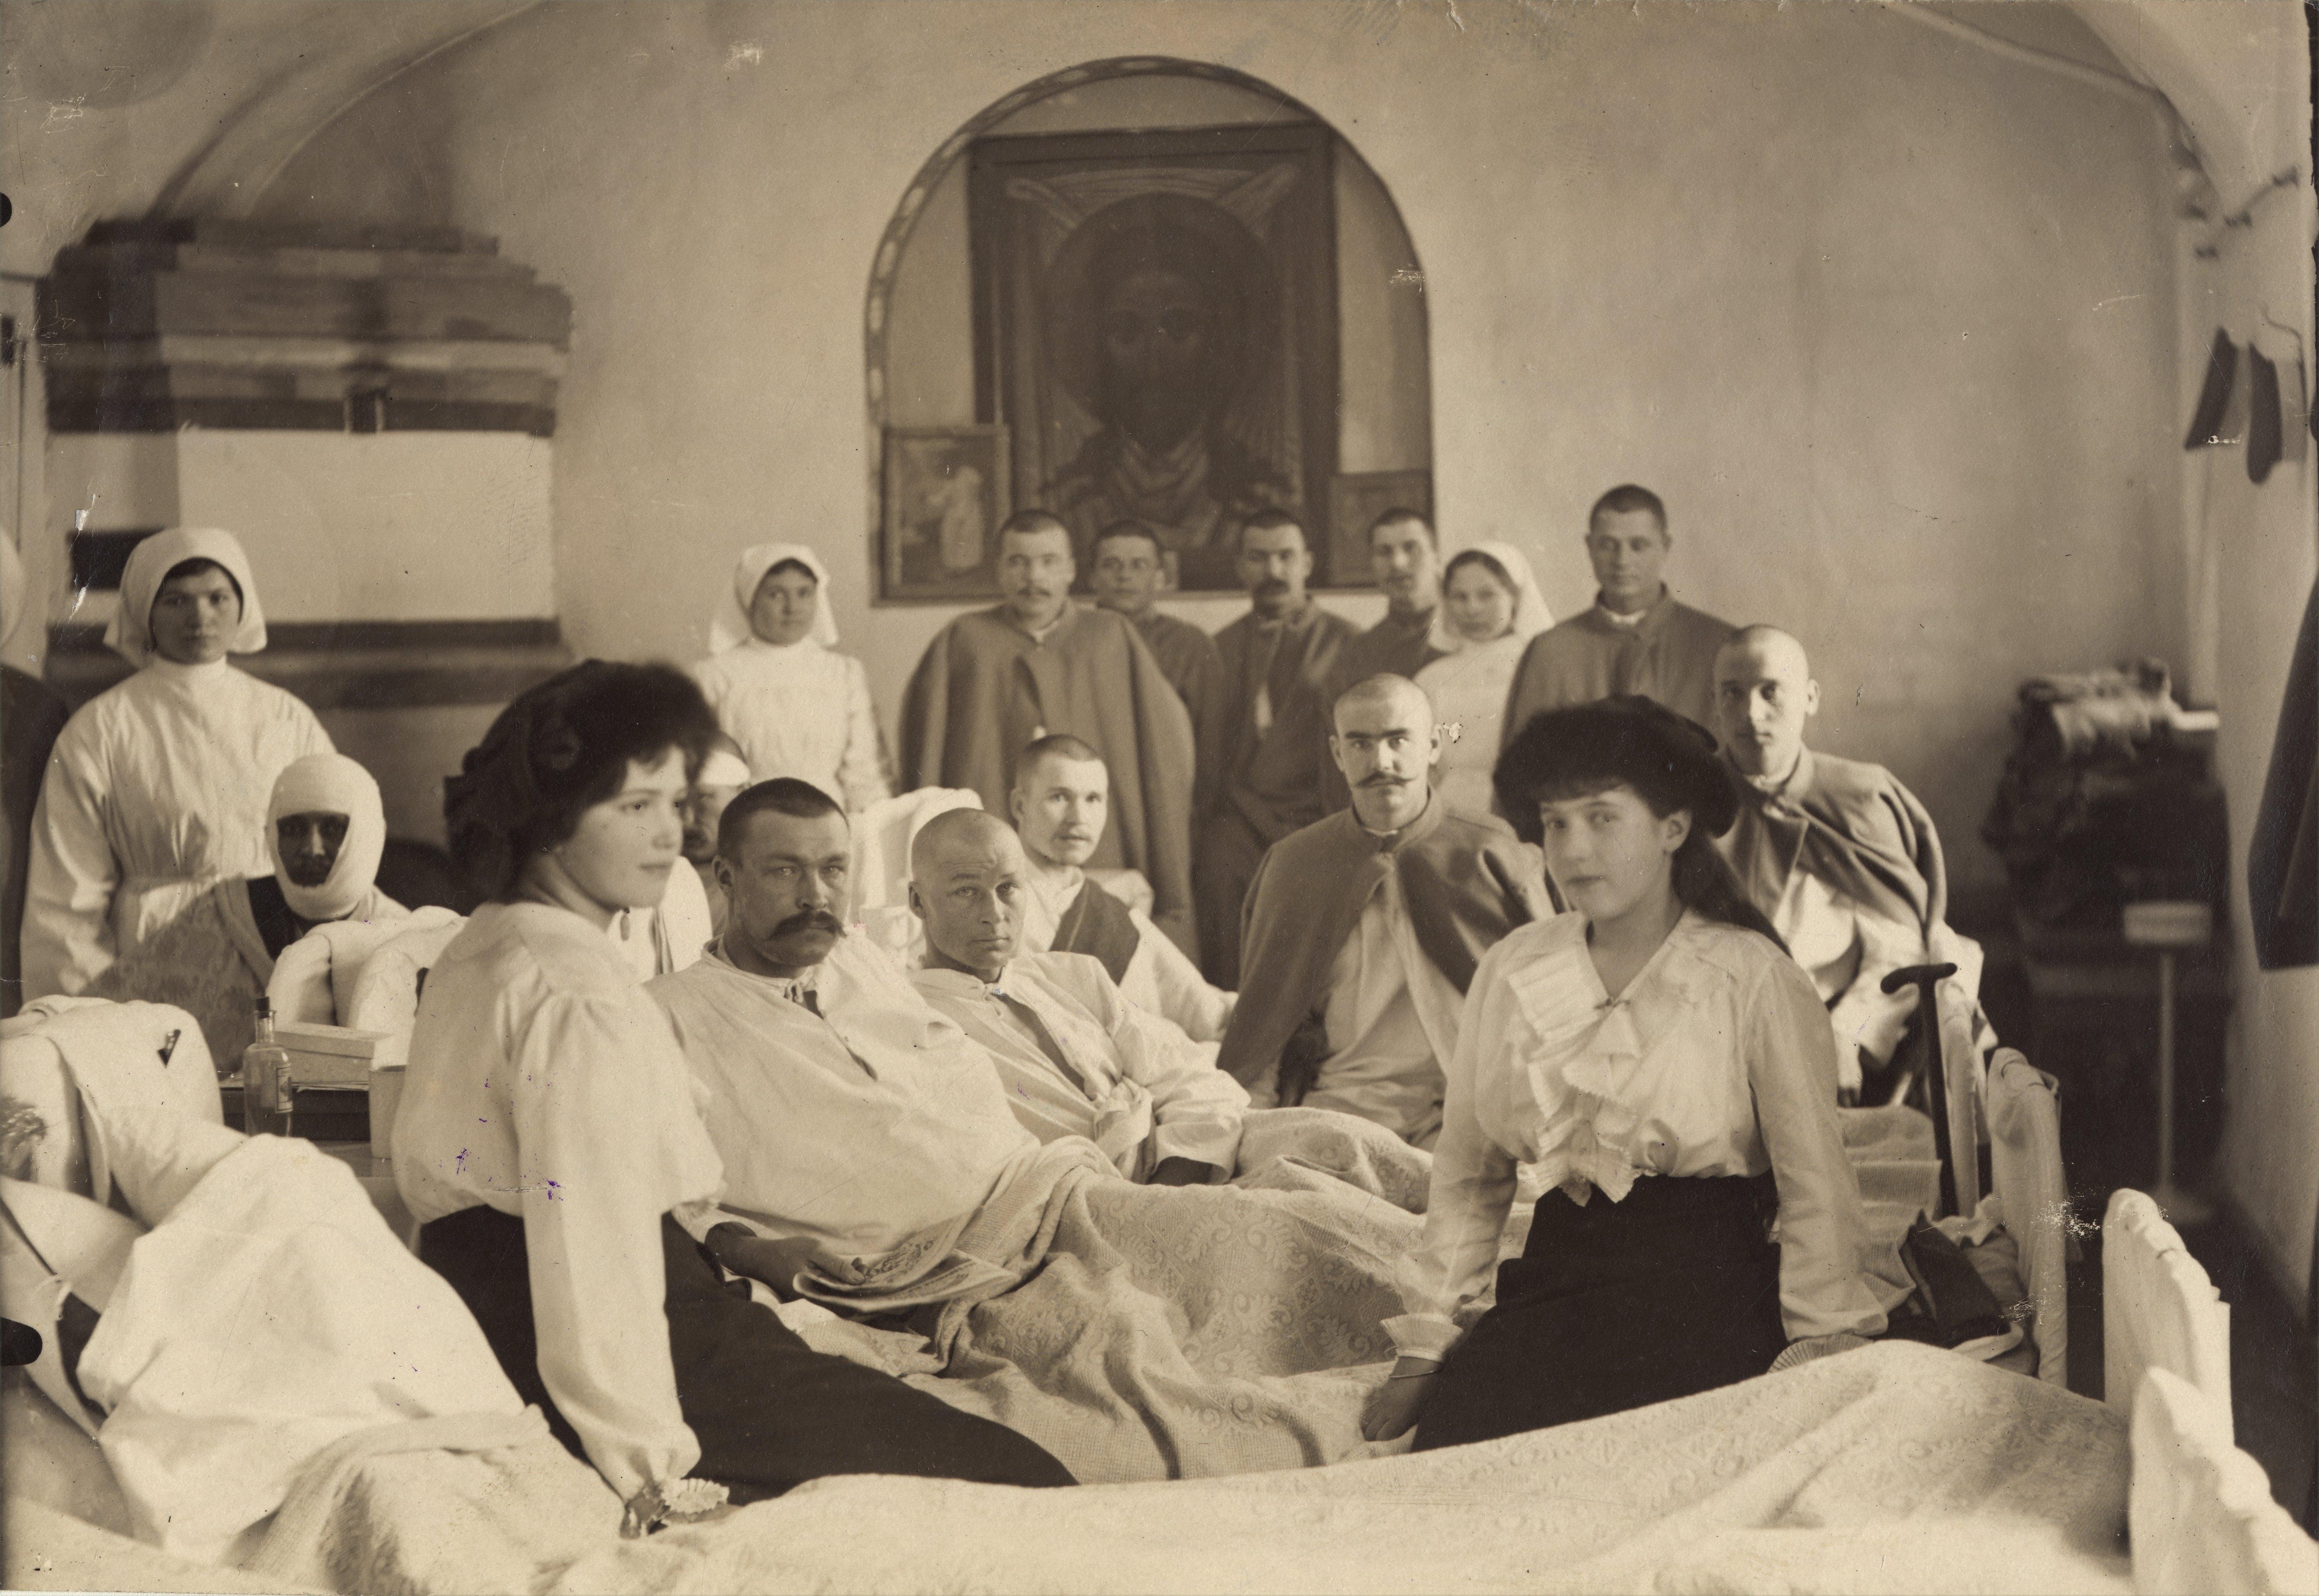 Vene tsaari Nikolai II tütred suurvürstinna Maria (vasakul) ja Anastassia (paremal) Tsarskoje Selo sõjaväehaiglas 1915 aasta juunis. EFA.0-58386